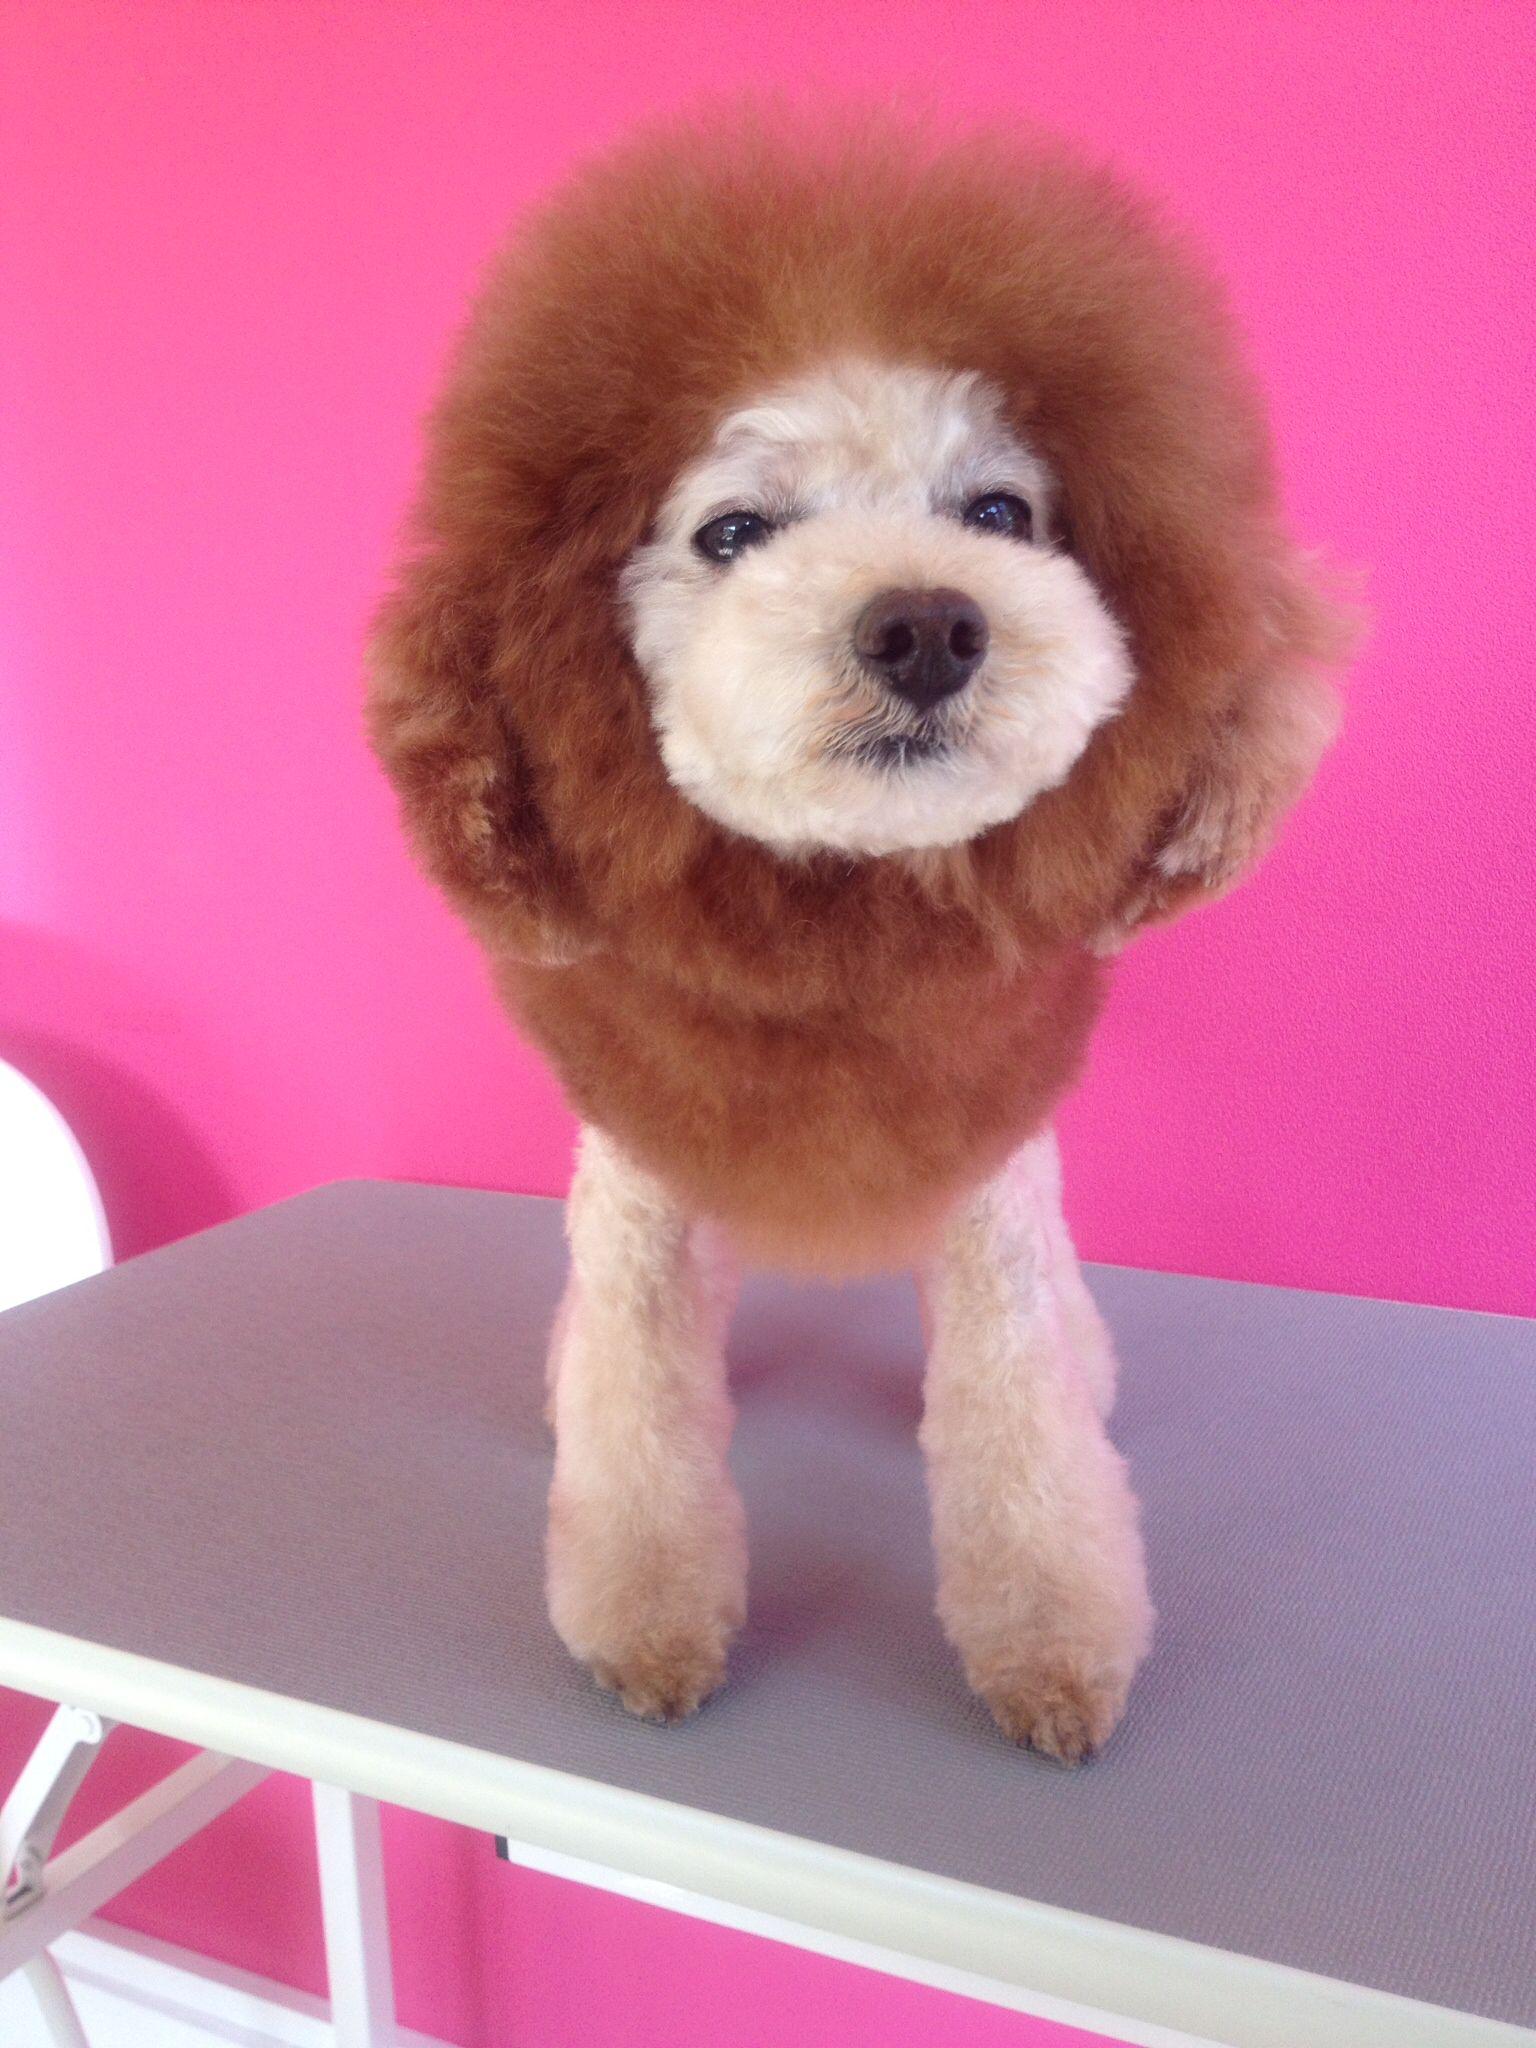 Lion Cut Poodles Pinterest Poodle Lion And Halloween